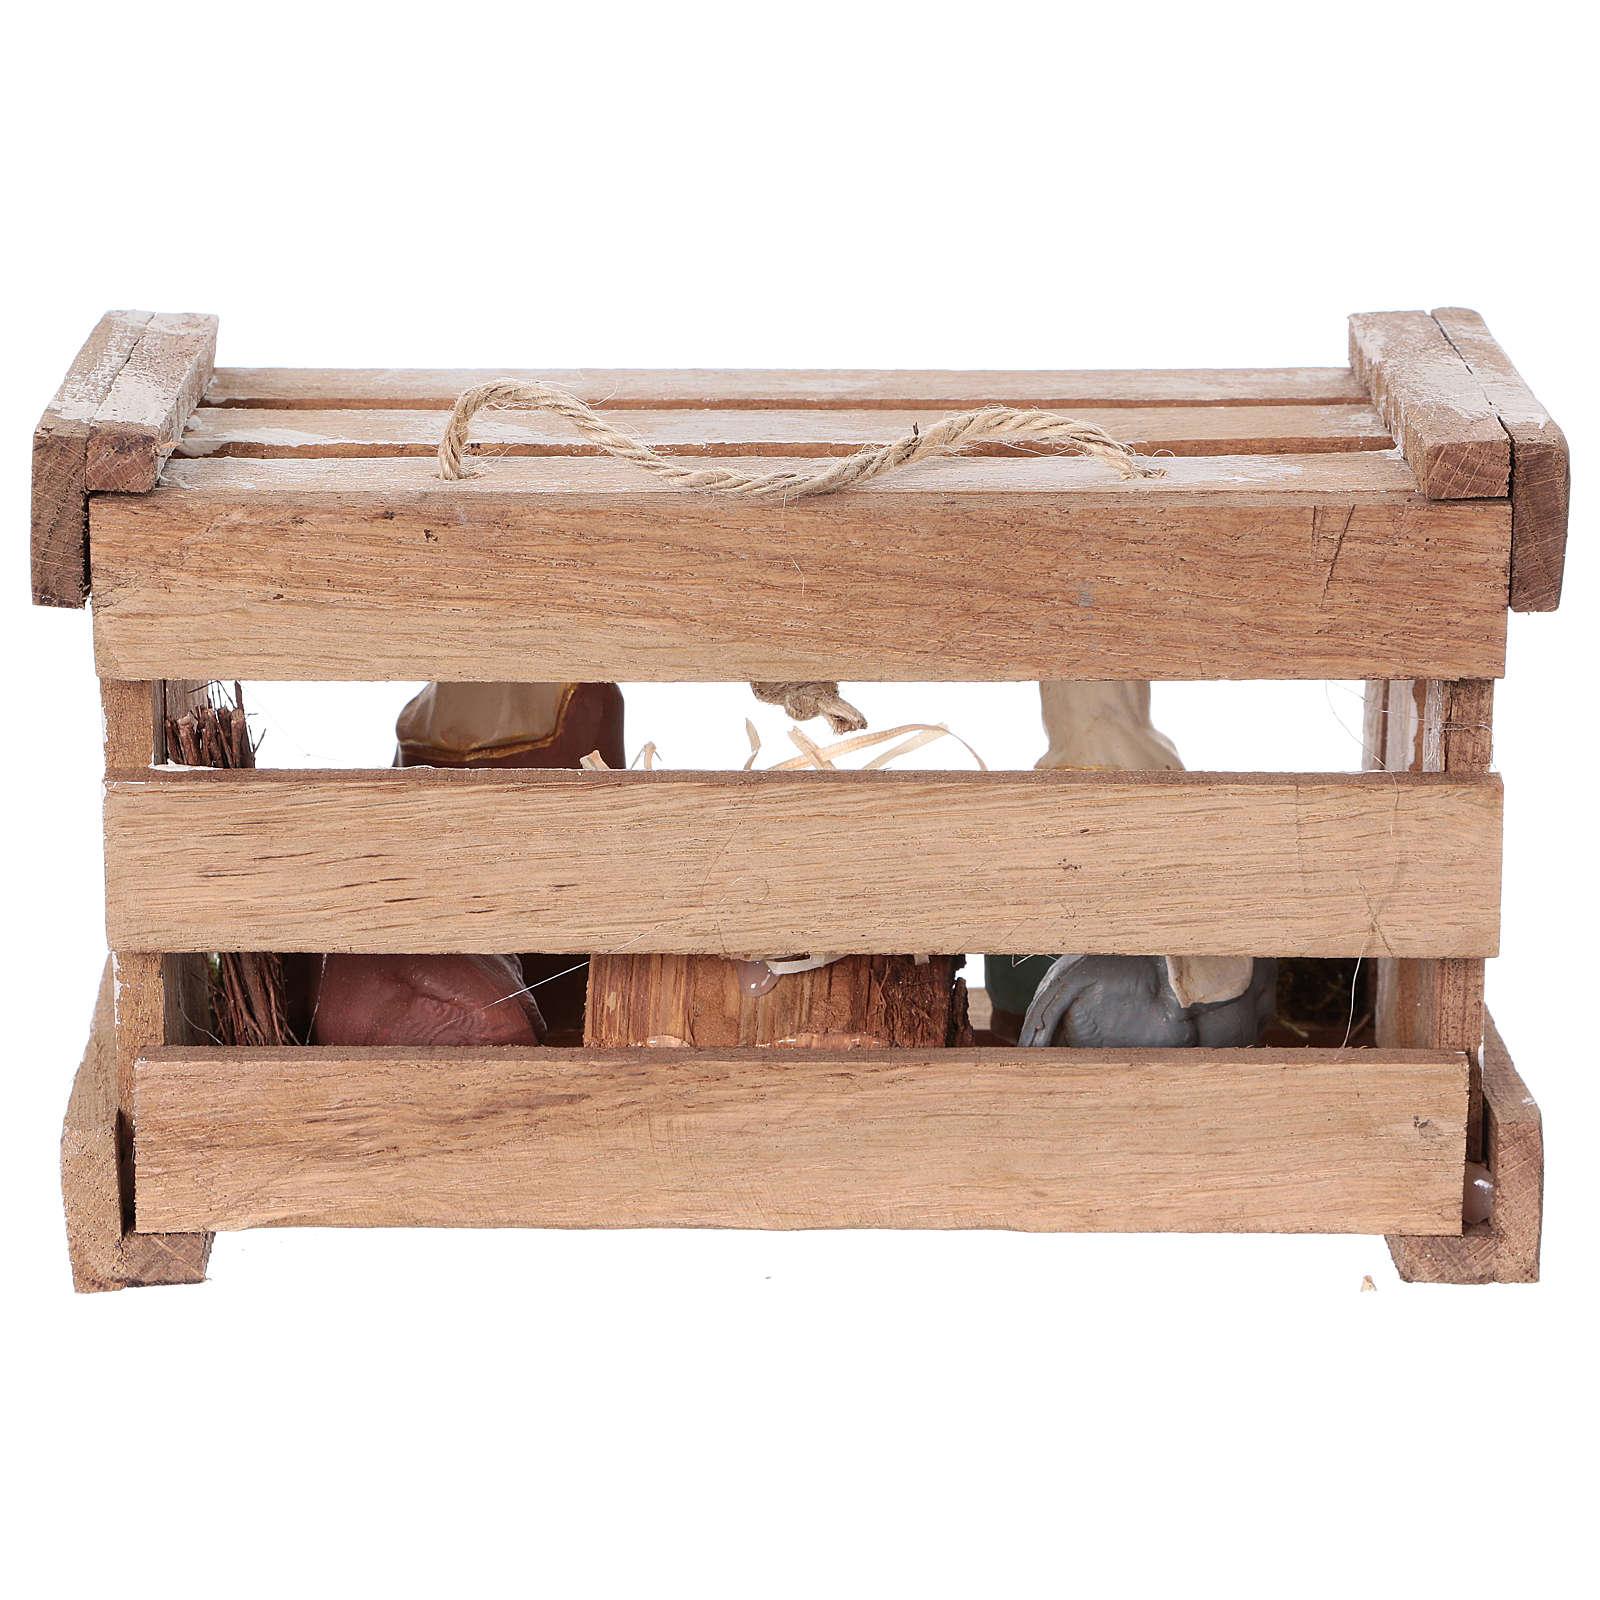 Cassetta portatile in legno con Natività presepe 8 cm Deruta 4